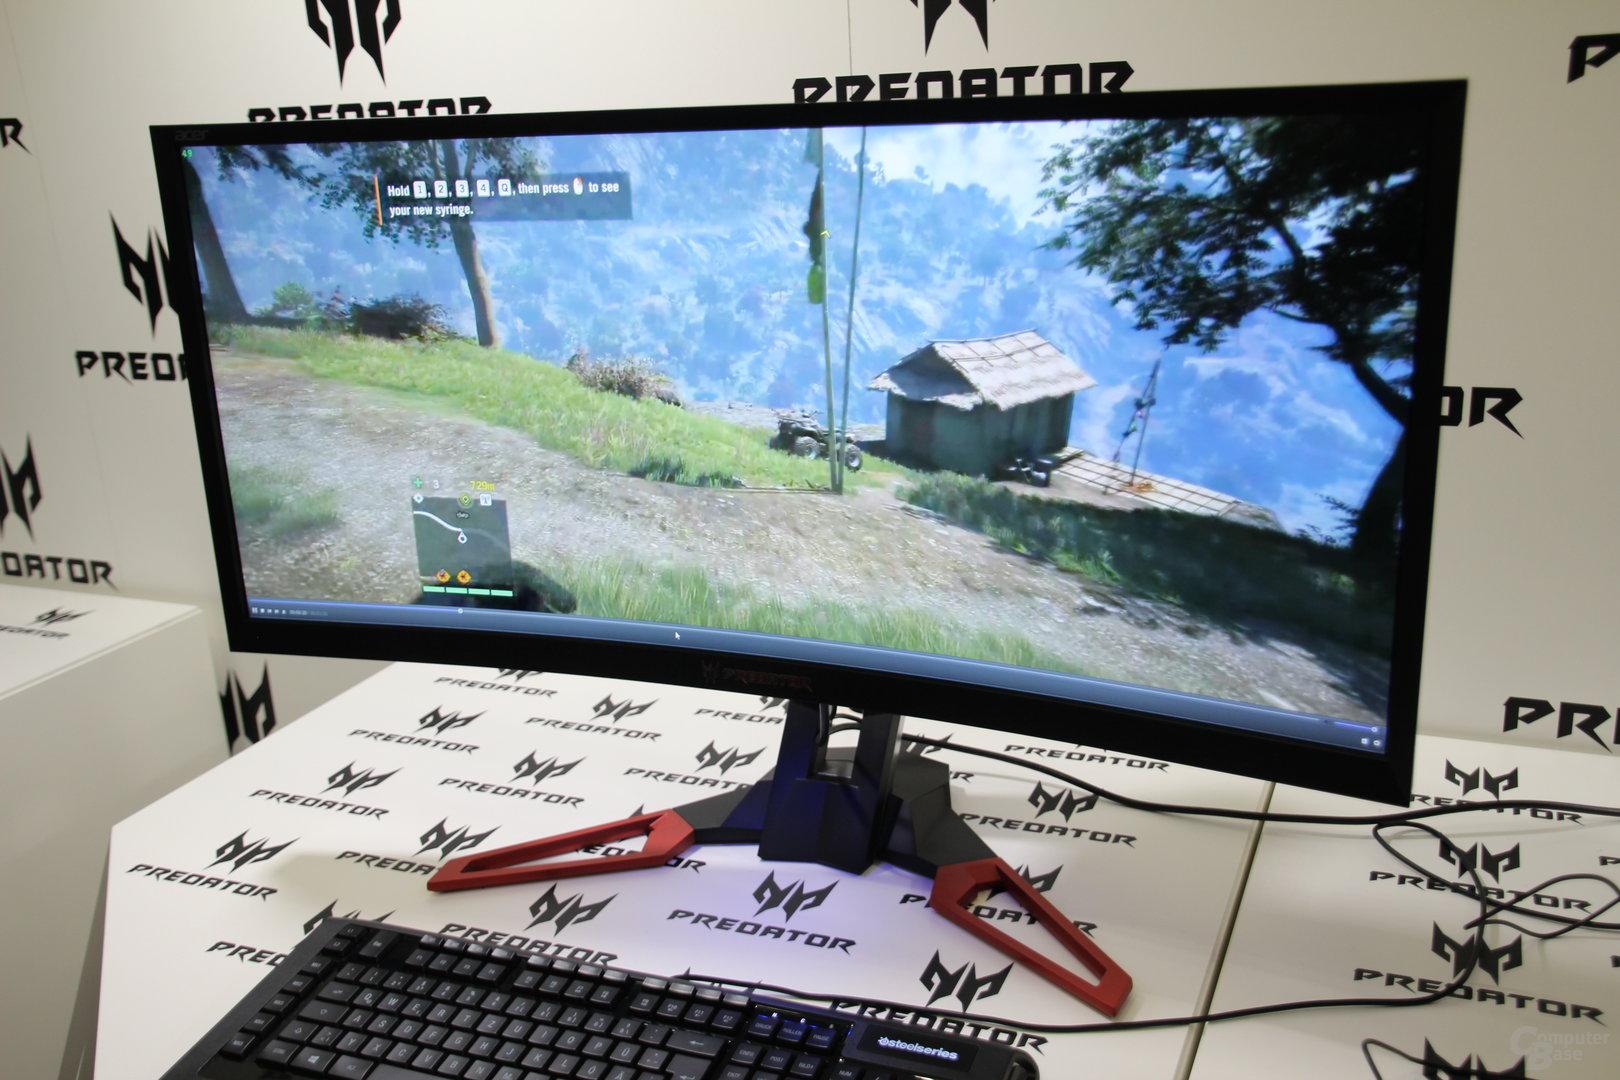 Acer Z35 Predator